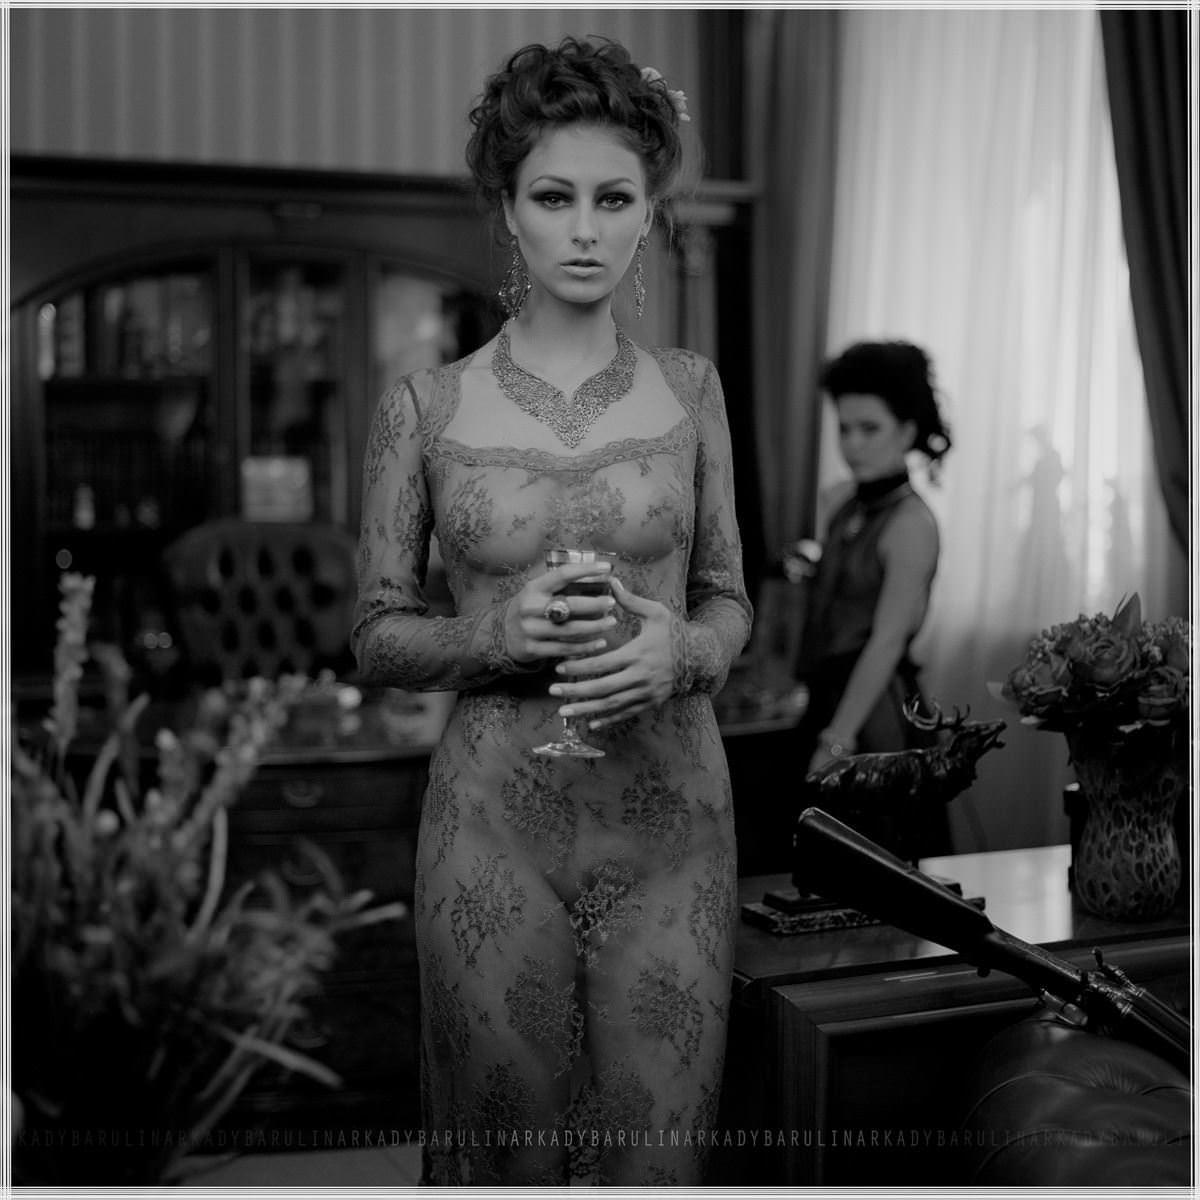 【外人】ロシアの写真家Arkady Barulin芸術的におっぱいを撮影するポルノ画像 11245